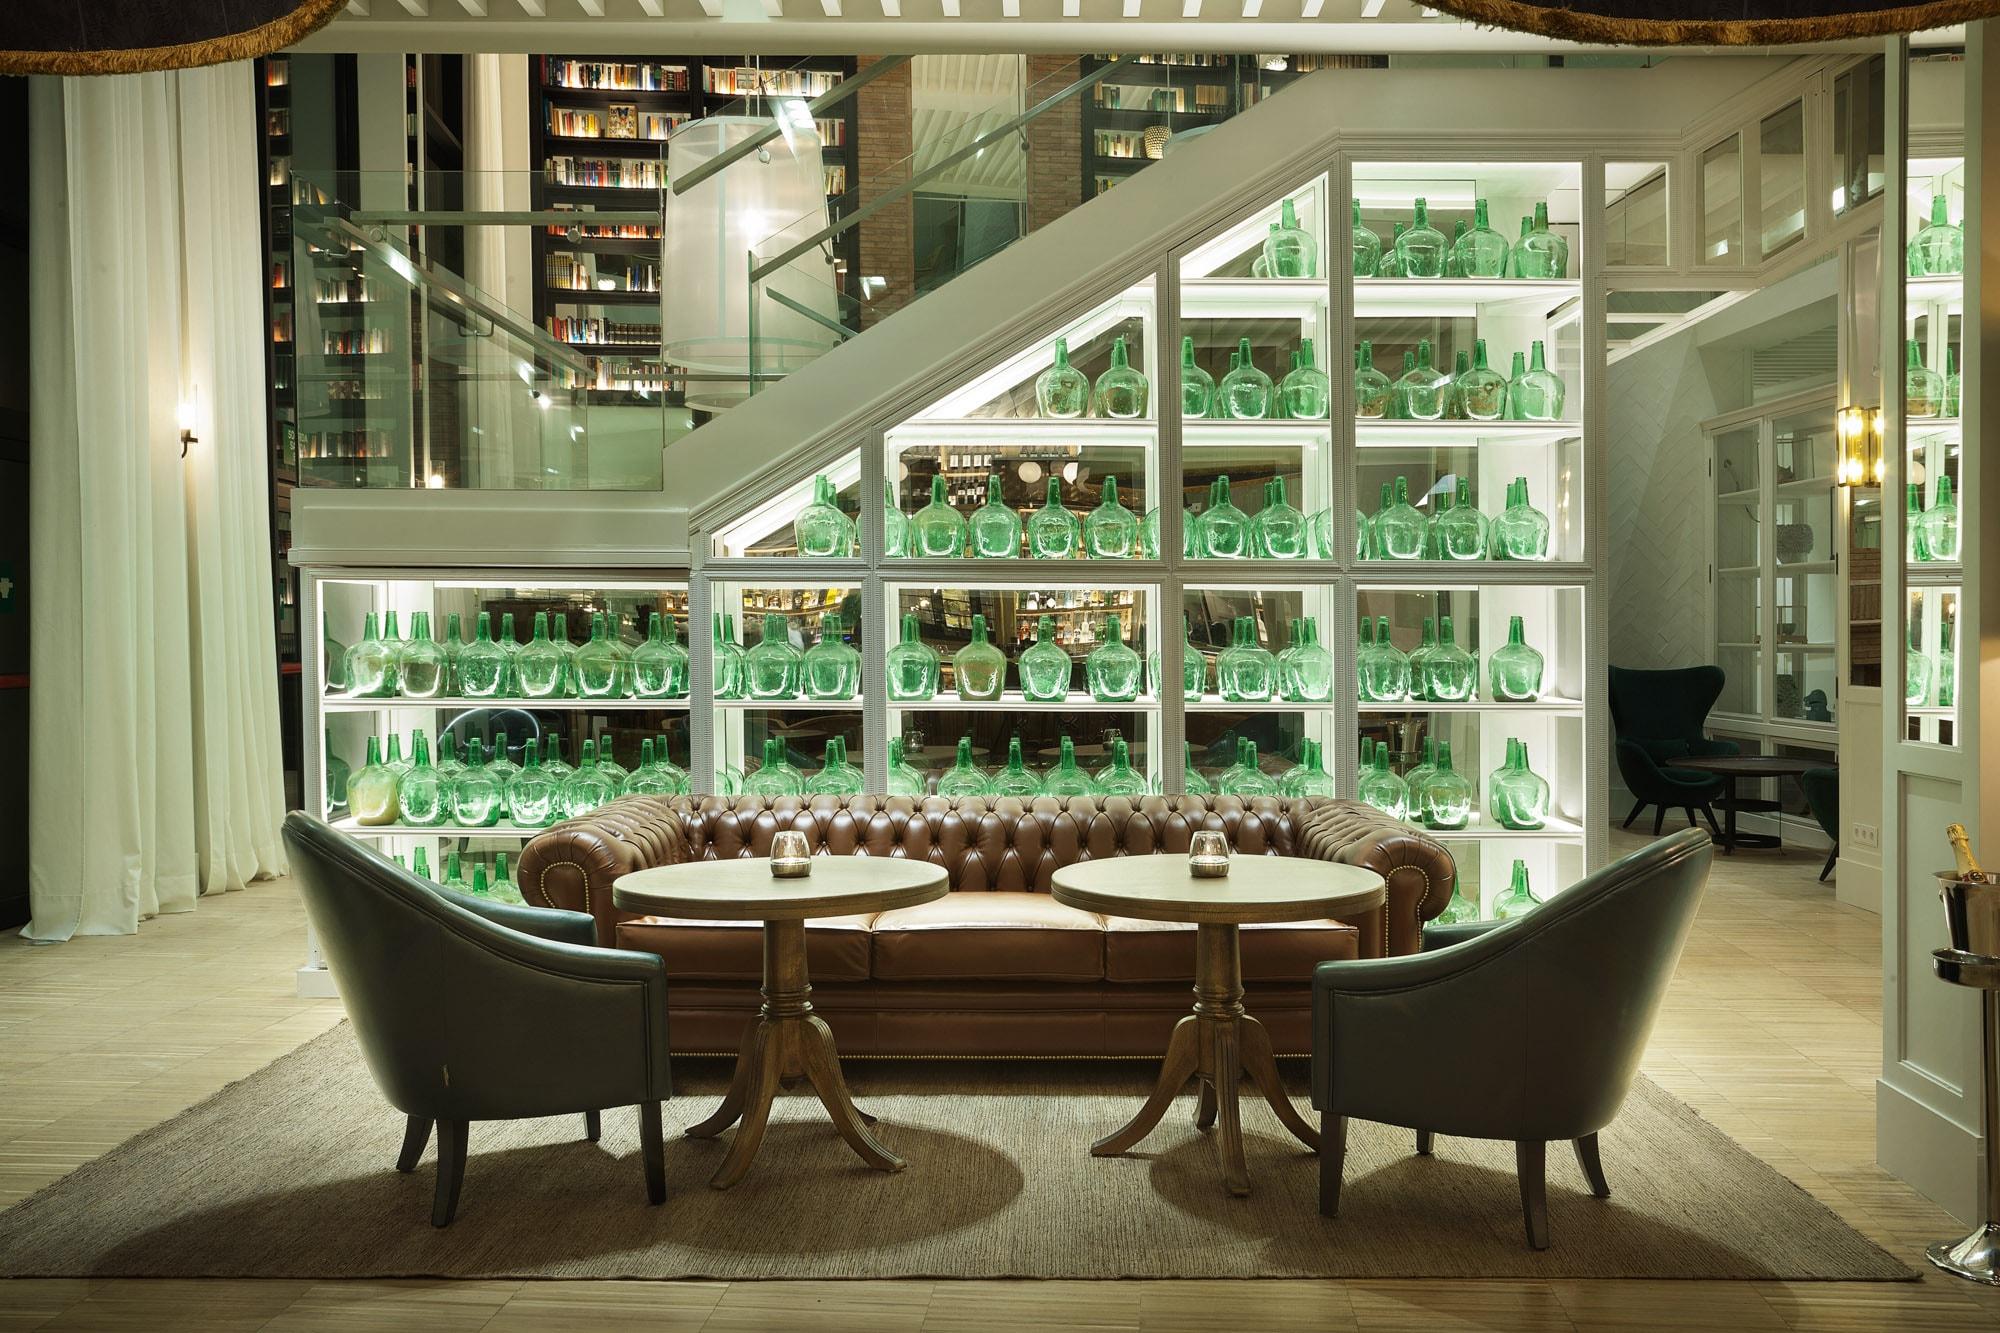 PGA Catalunya Resort: Setting für den Luxusurlaub, exklusiven Lifestyle und das Immobilien-Investment 14